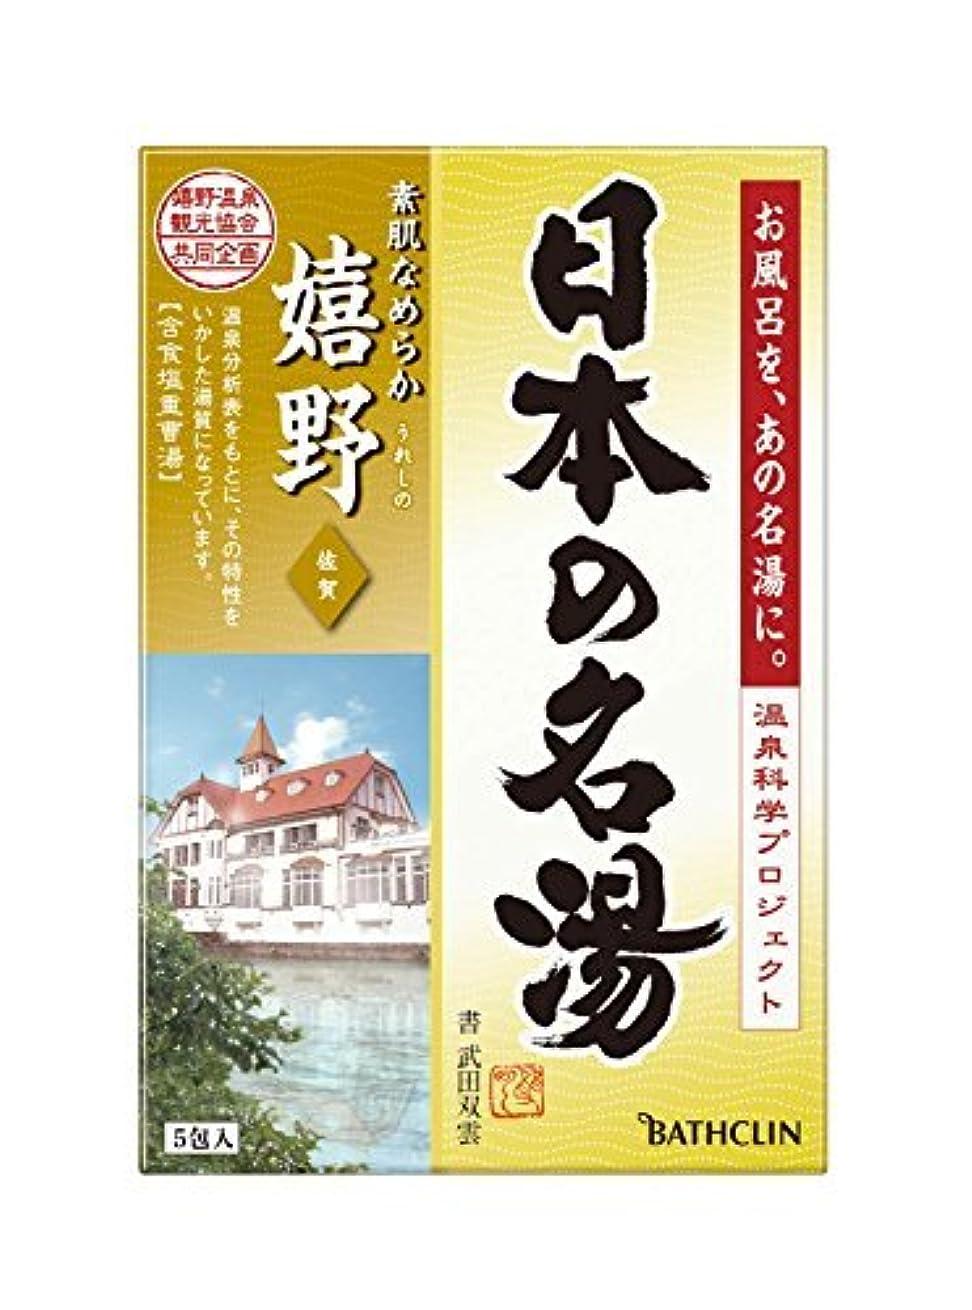 【まとめ買い】【医薬部外品】日本の名湯入浴剤 嬉野(佐賀) 30g ×5包 透明タイプ 個包装 温泉タイプ ×6個